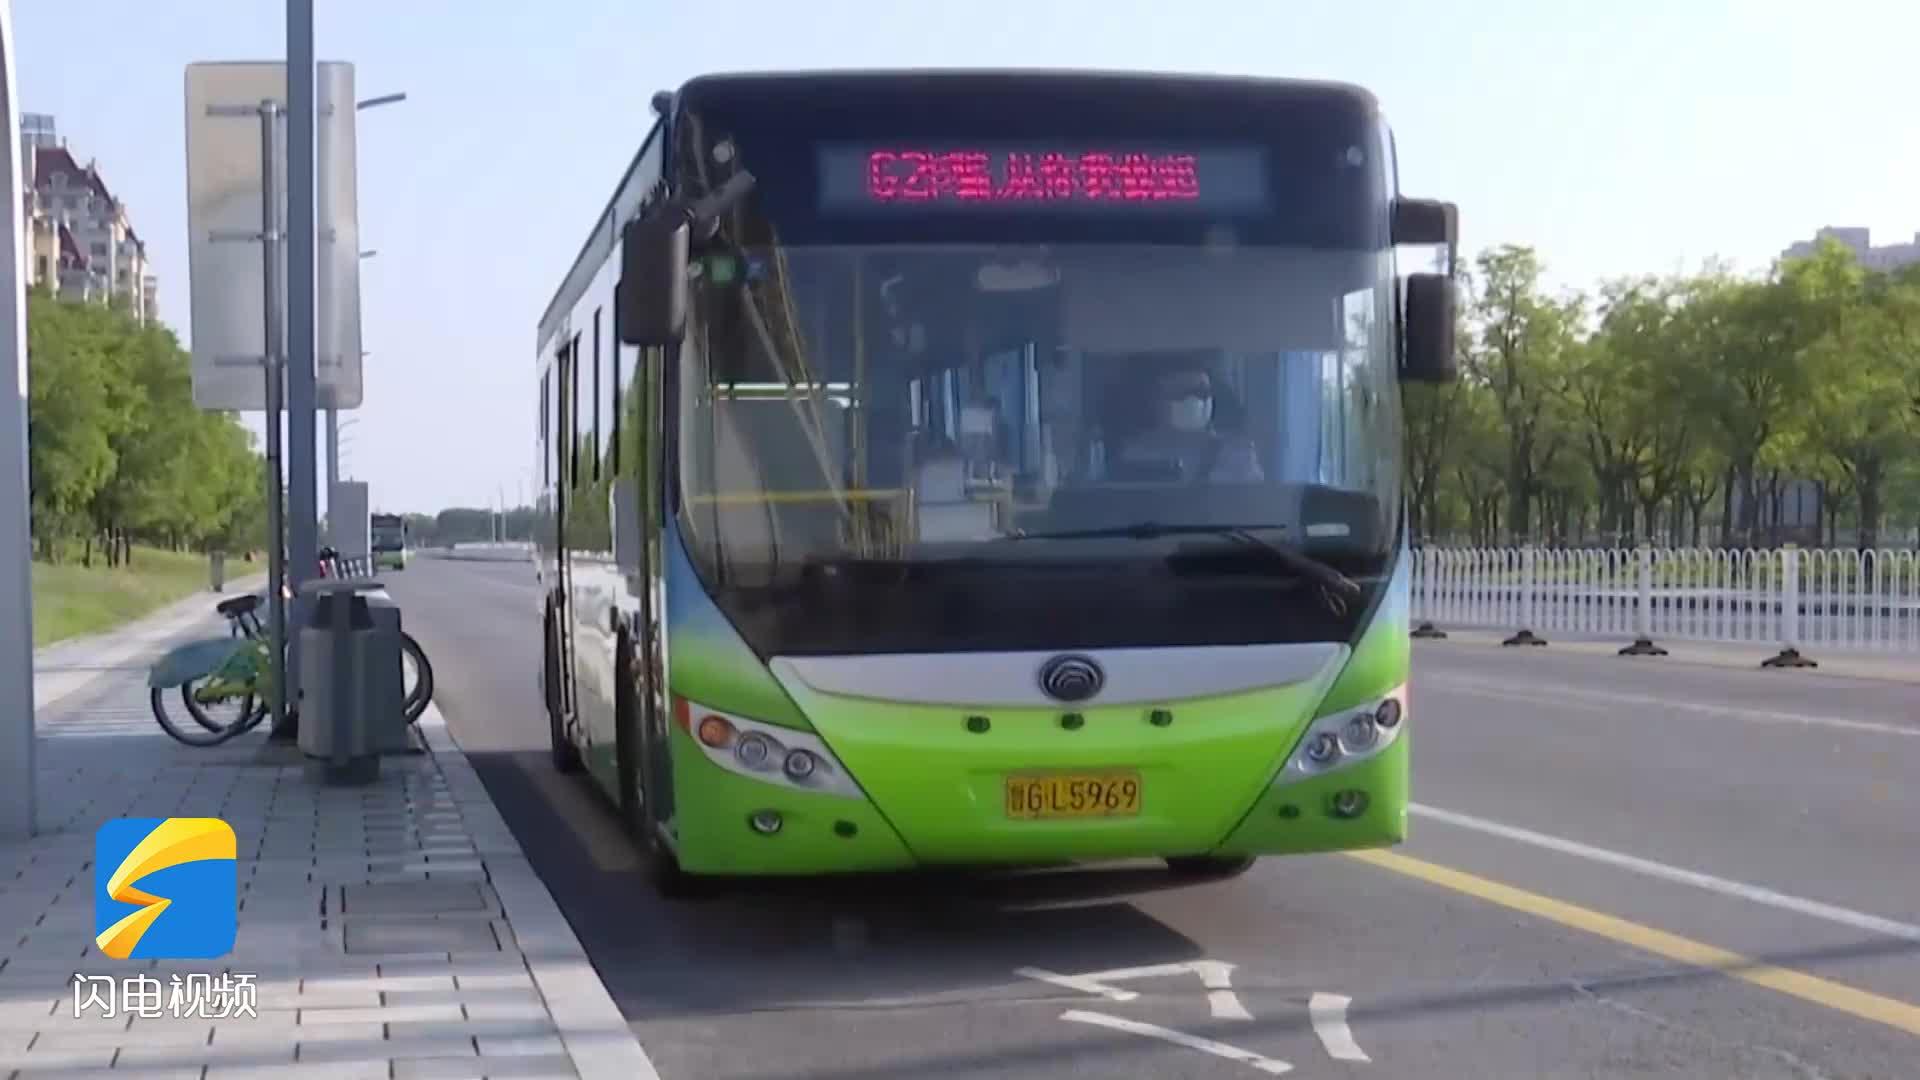 潍坊滨海区60岁以上老年人可刷身份证免费乘坐公交车啦